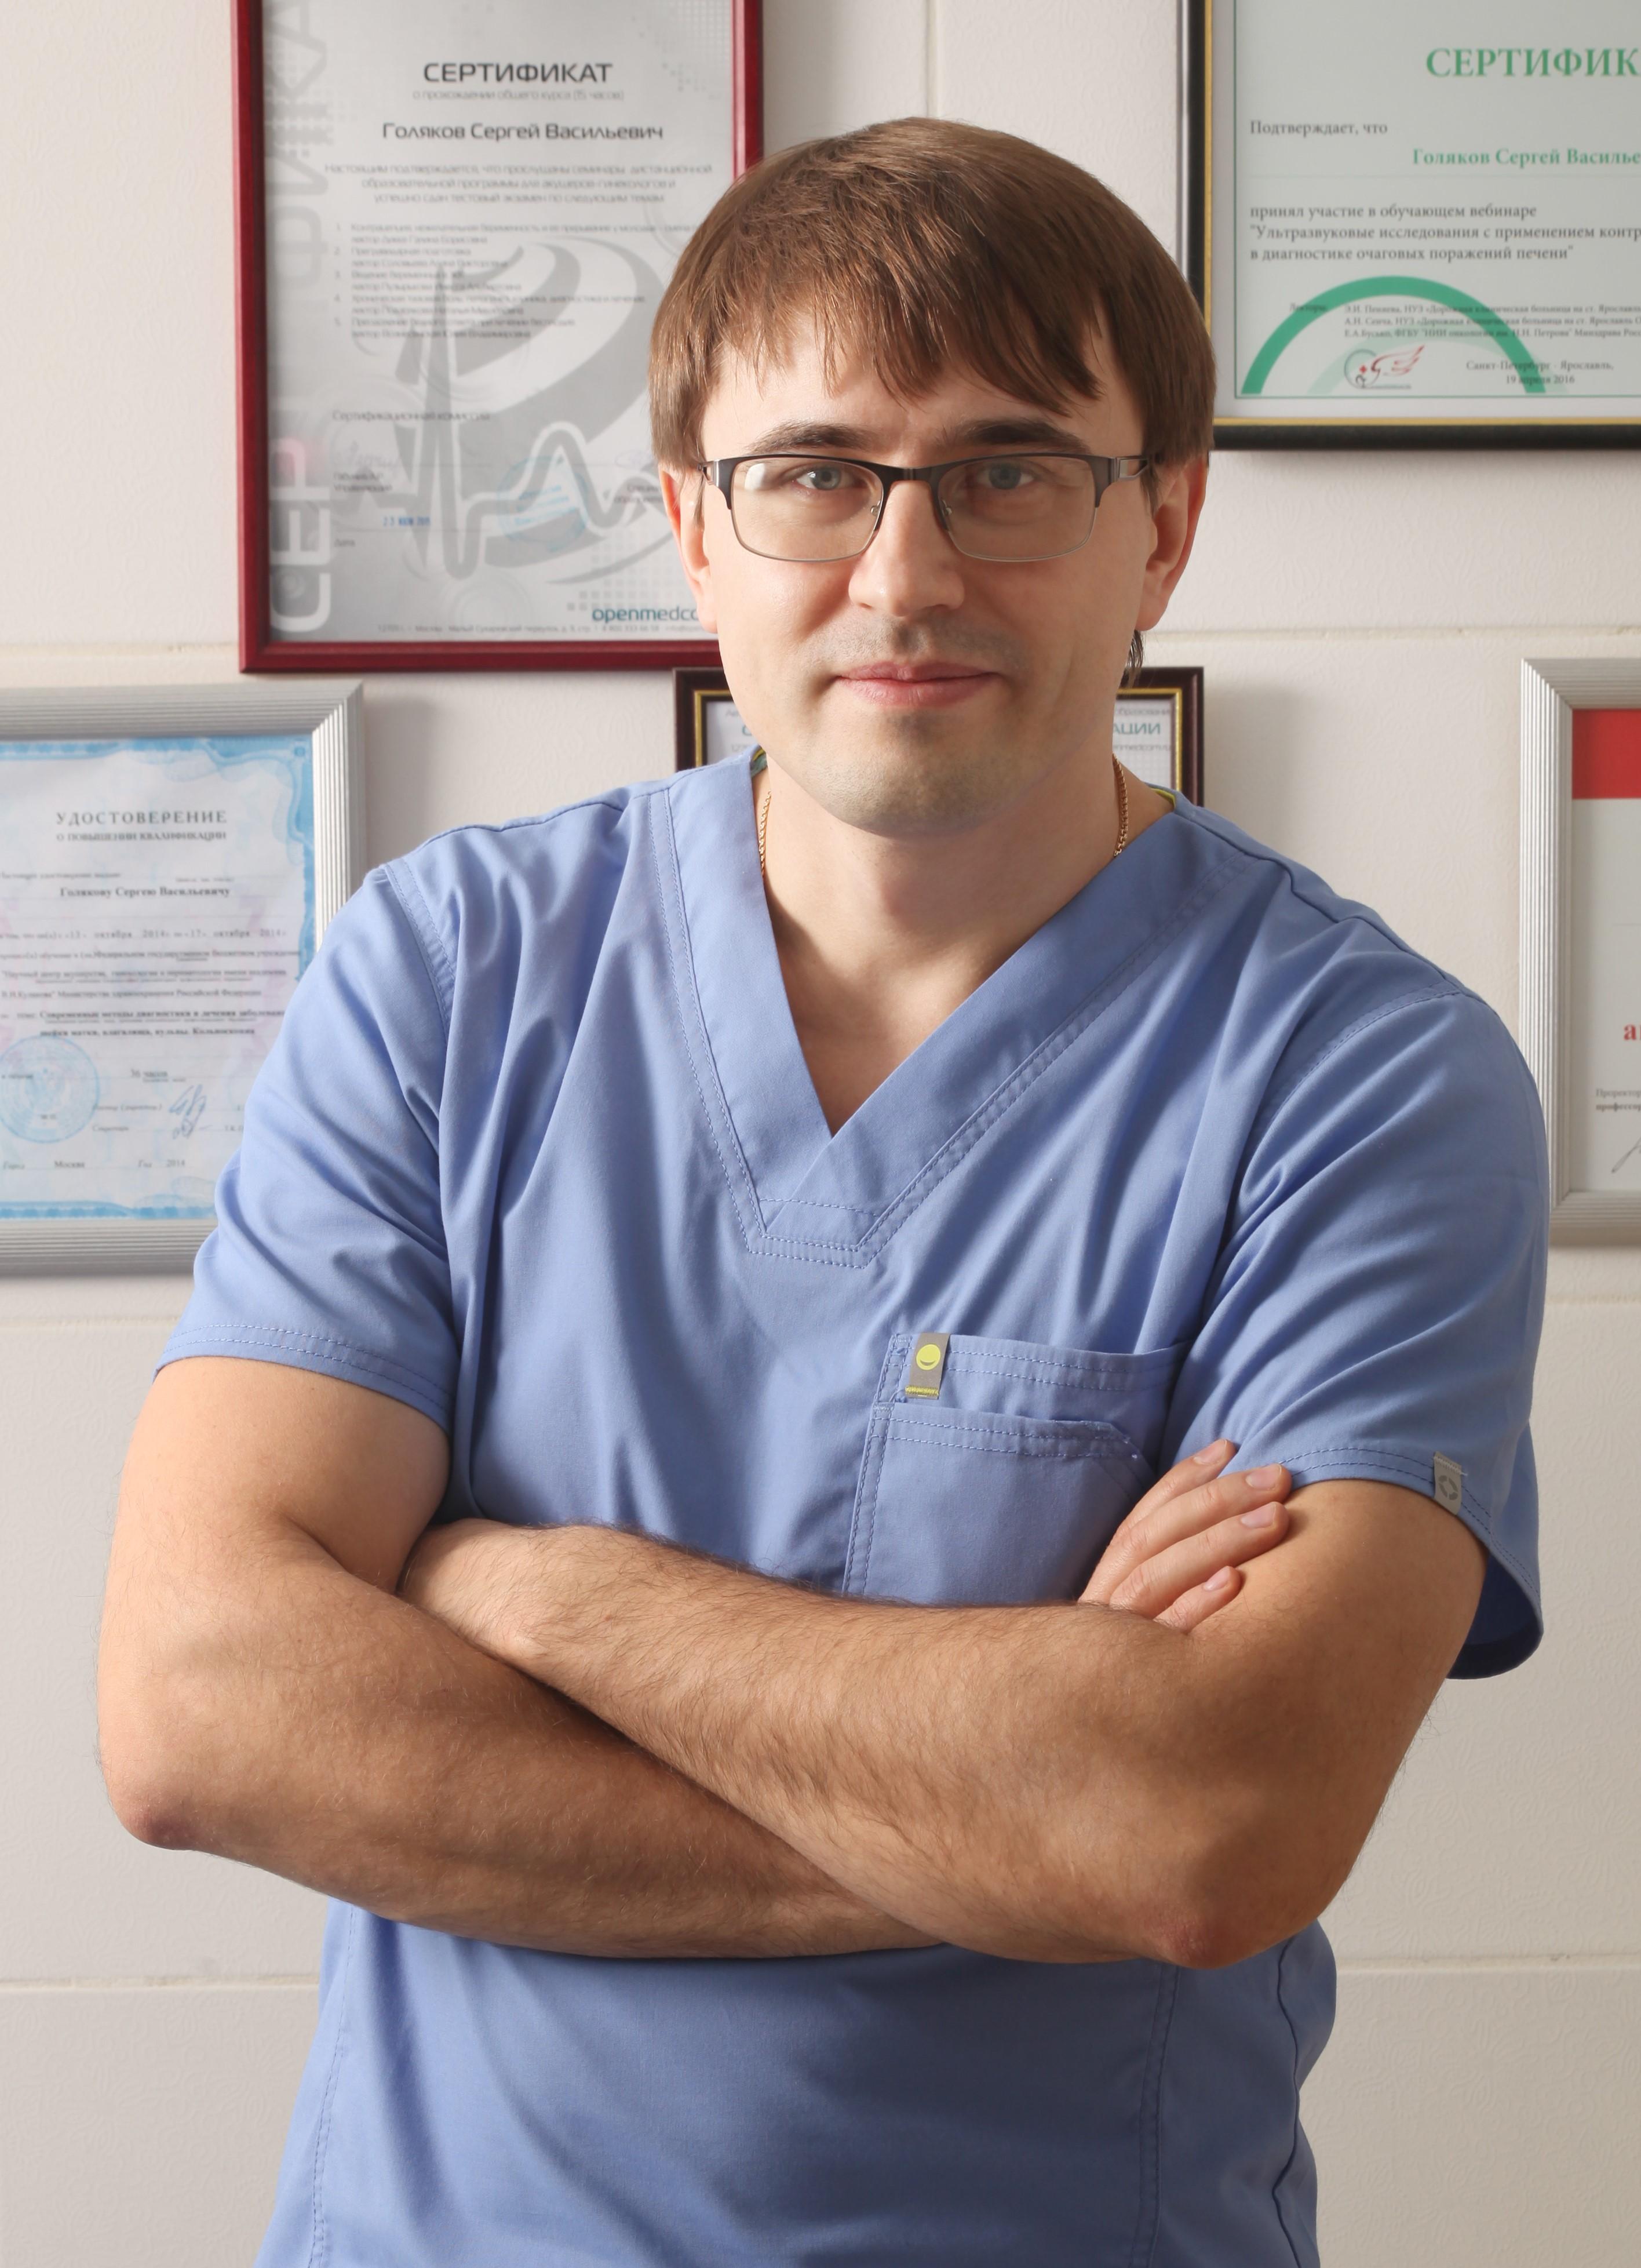 *Голяков Сергей Васильевич гинеколог, врач ультразвуковой диагностики, маммолог, онколог*